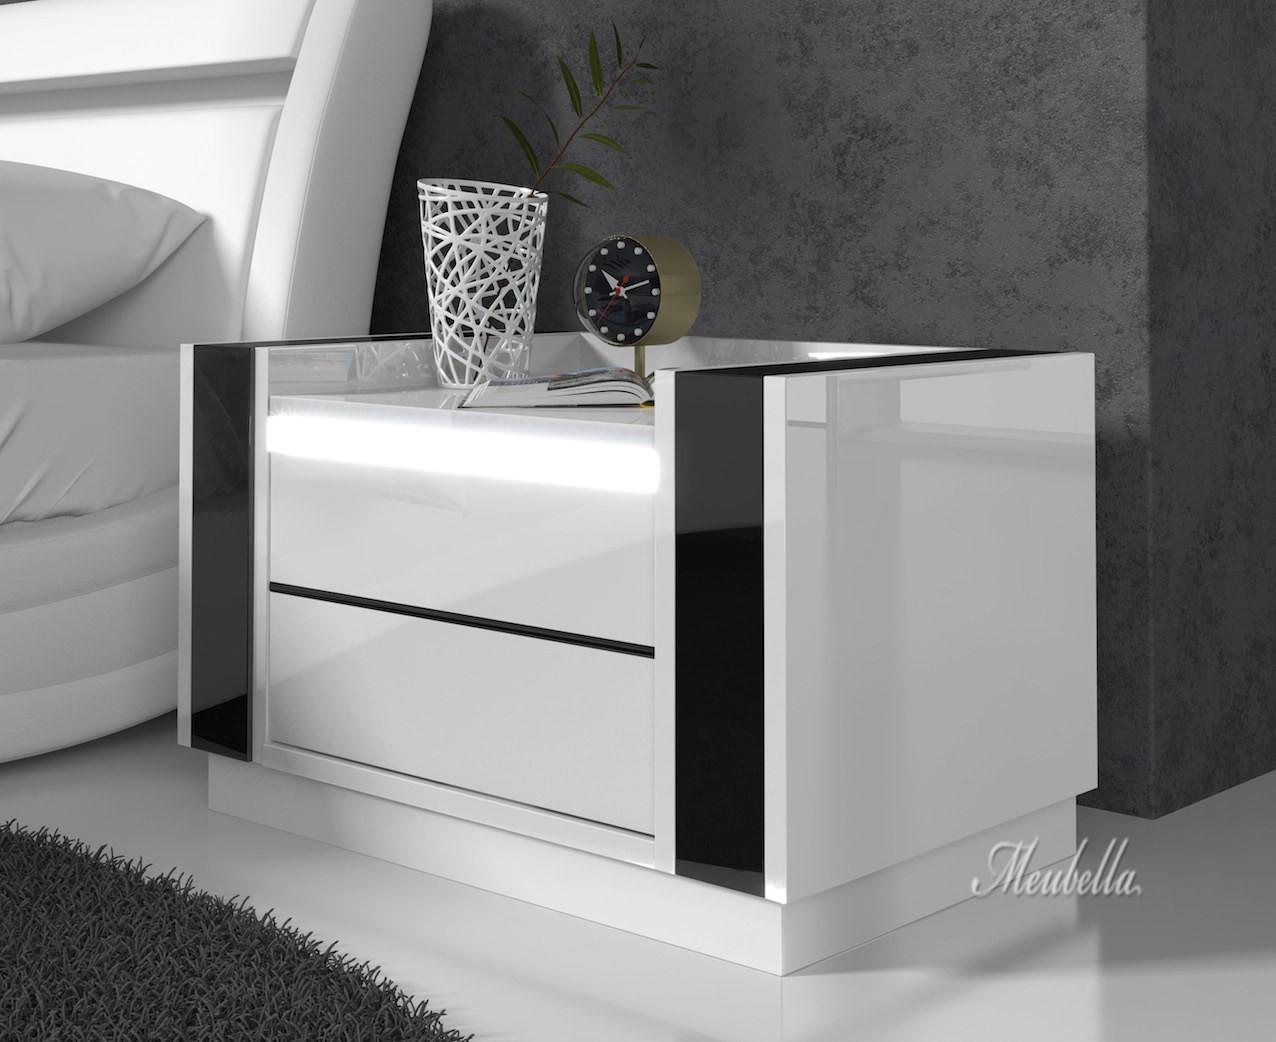 Nachtkastje Luna   LED   Wit   Zwart   Set van 2   Meubella